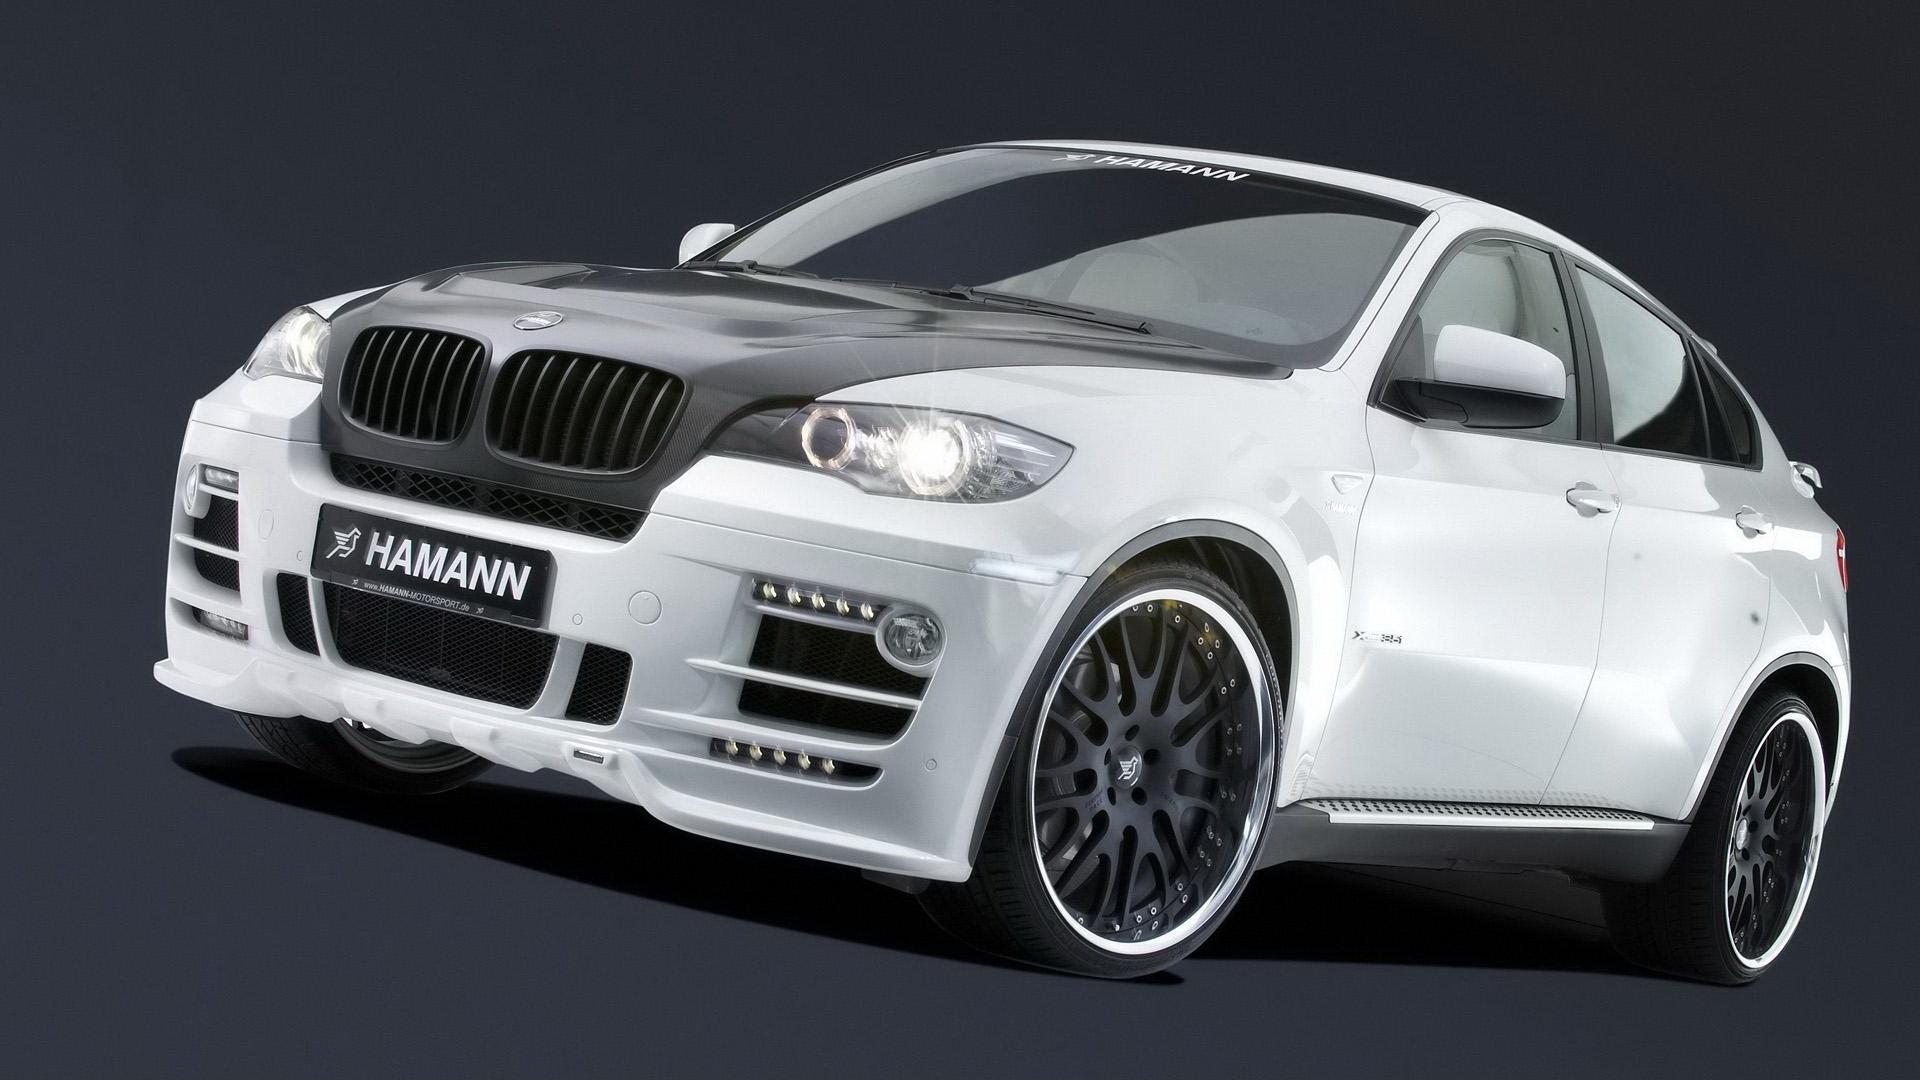 автомобиль, bmw х6, bmw. бмв, авто, авто шик, красота,